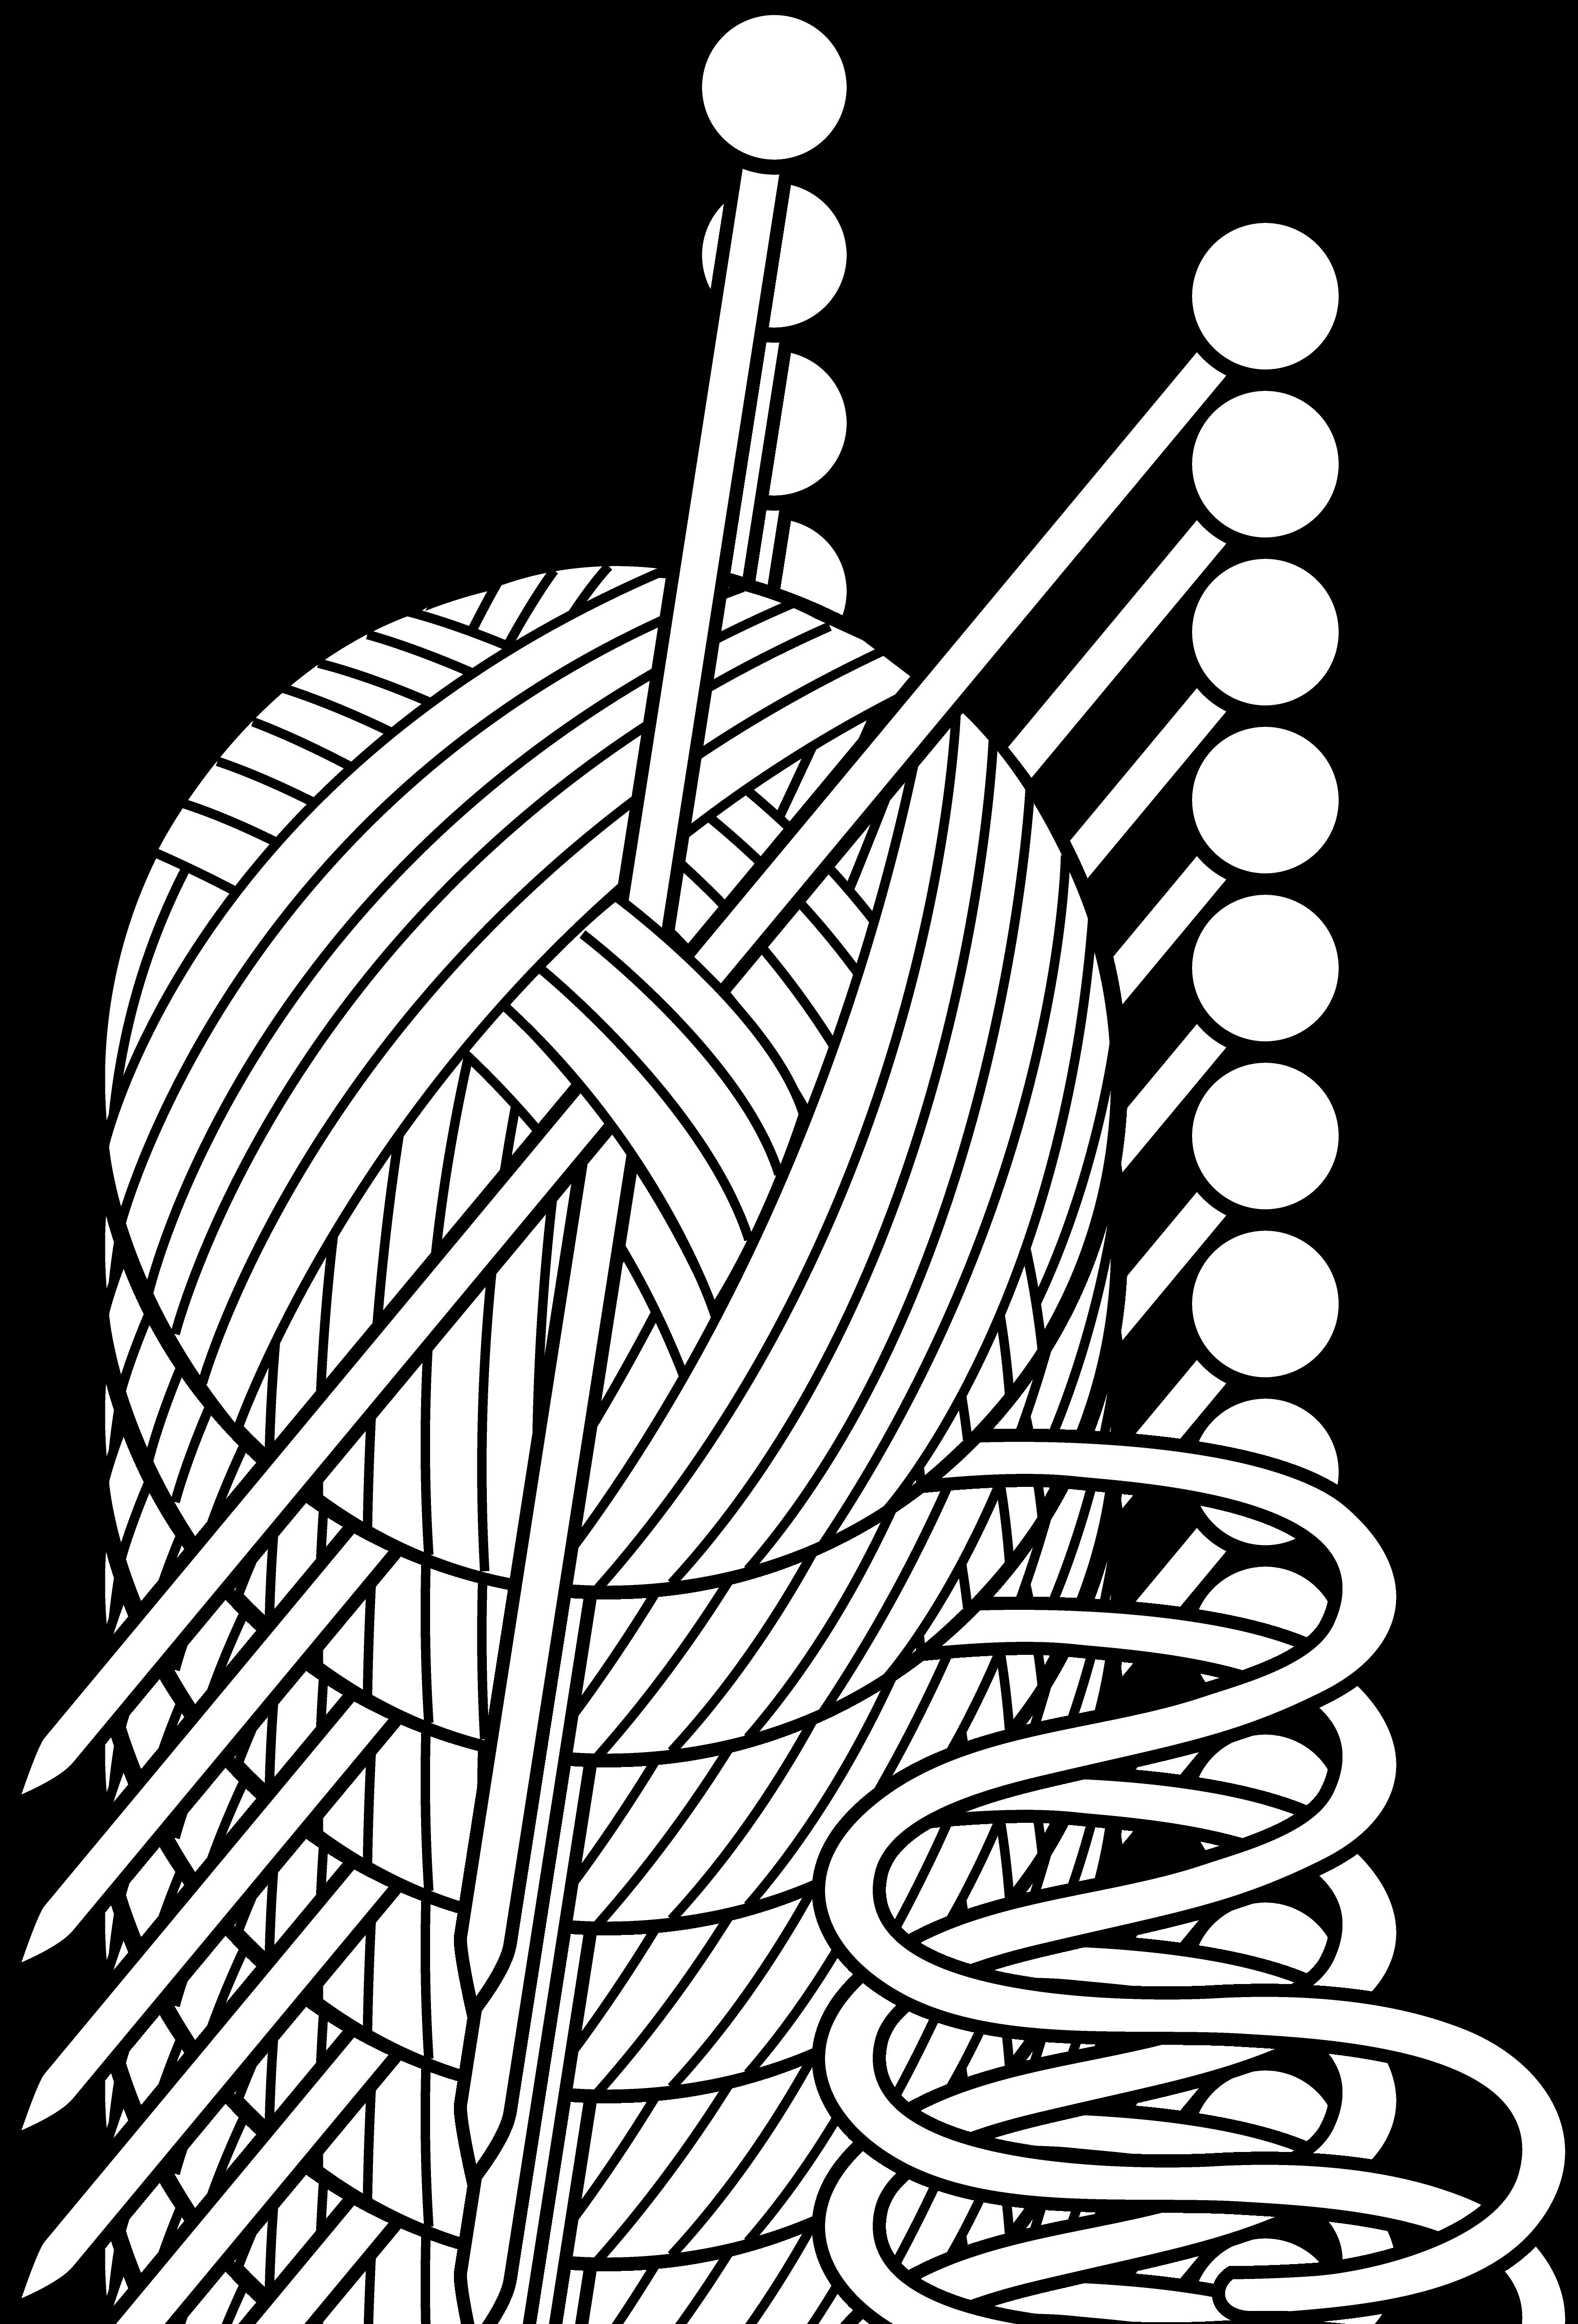 PNG Yarn And Knitting Needles - 41536